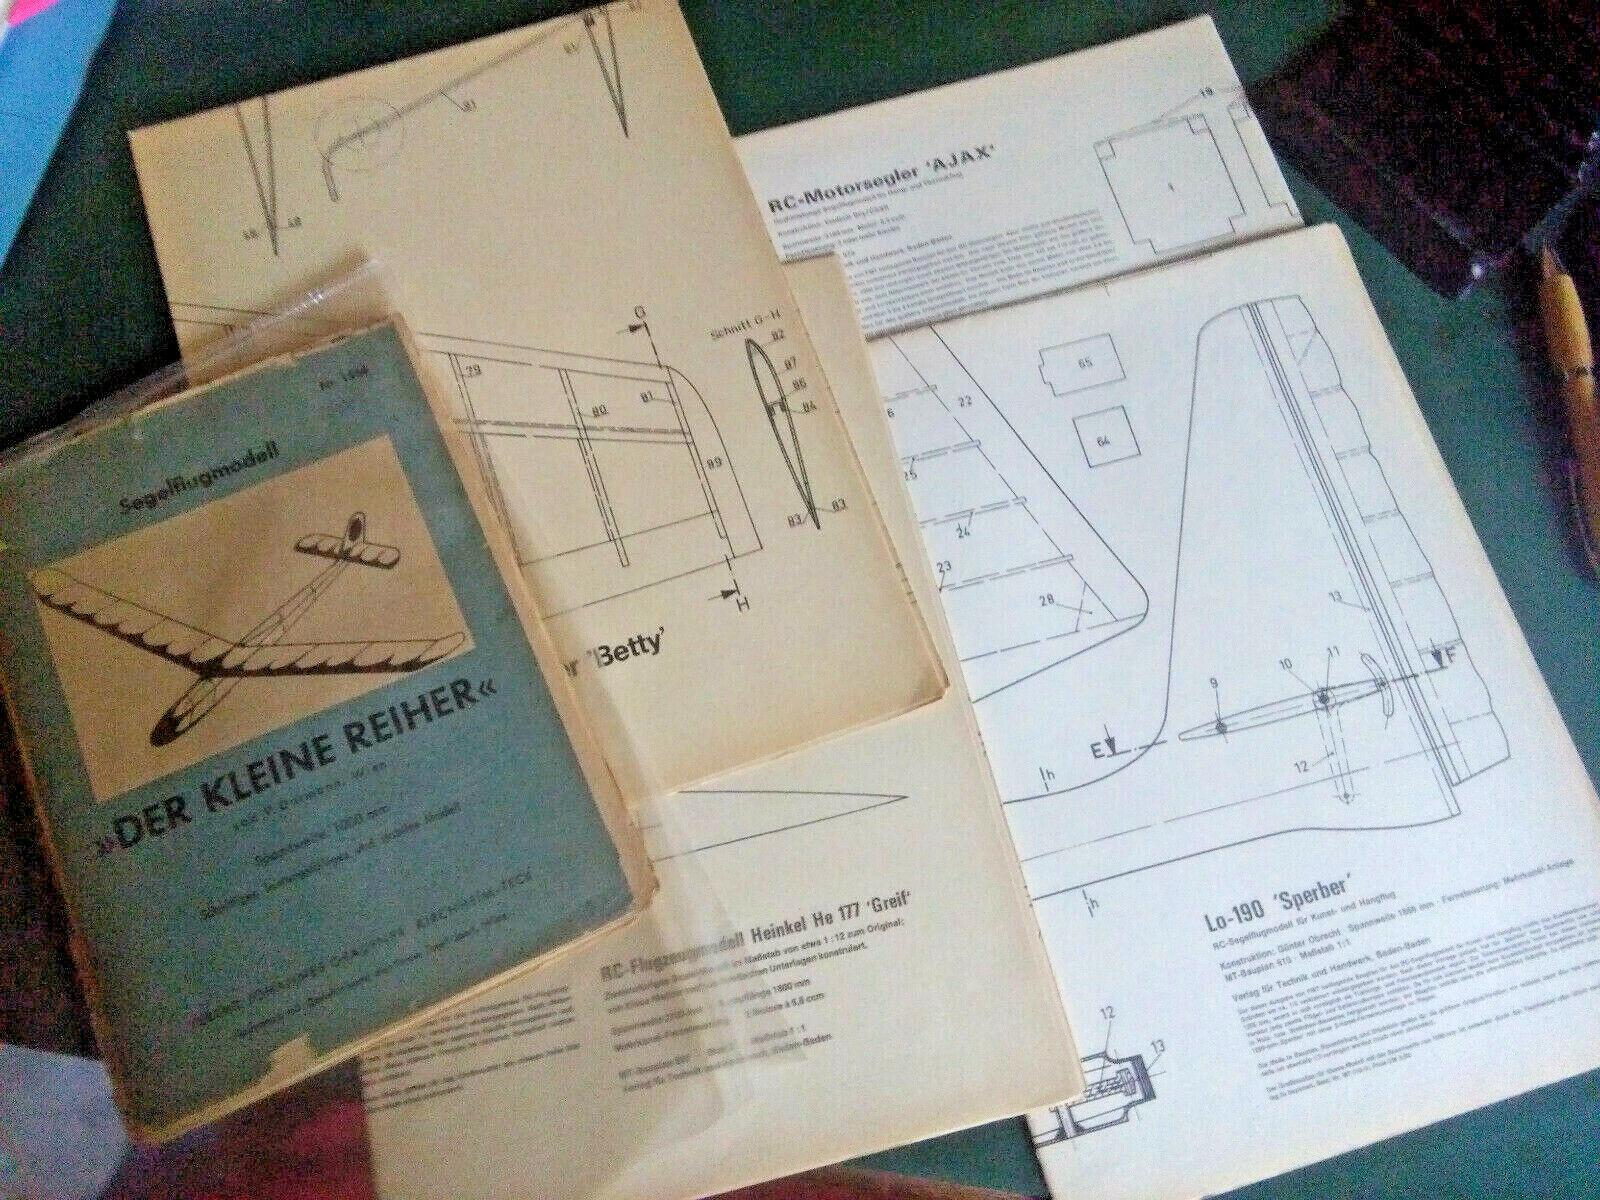 Modélisme  RC-Flugmodelle, brochures, catalogues, dépliants - 50-70er ans